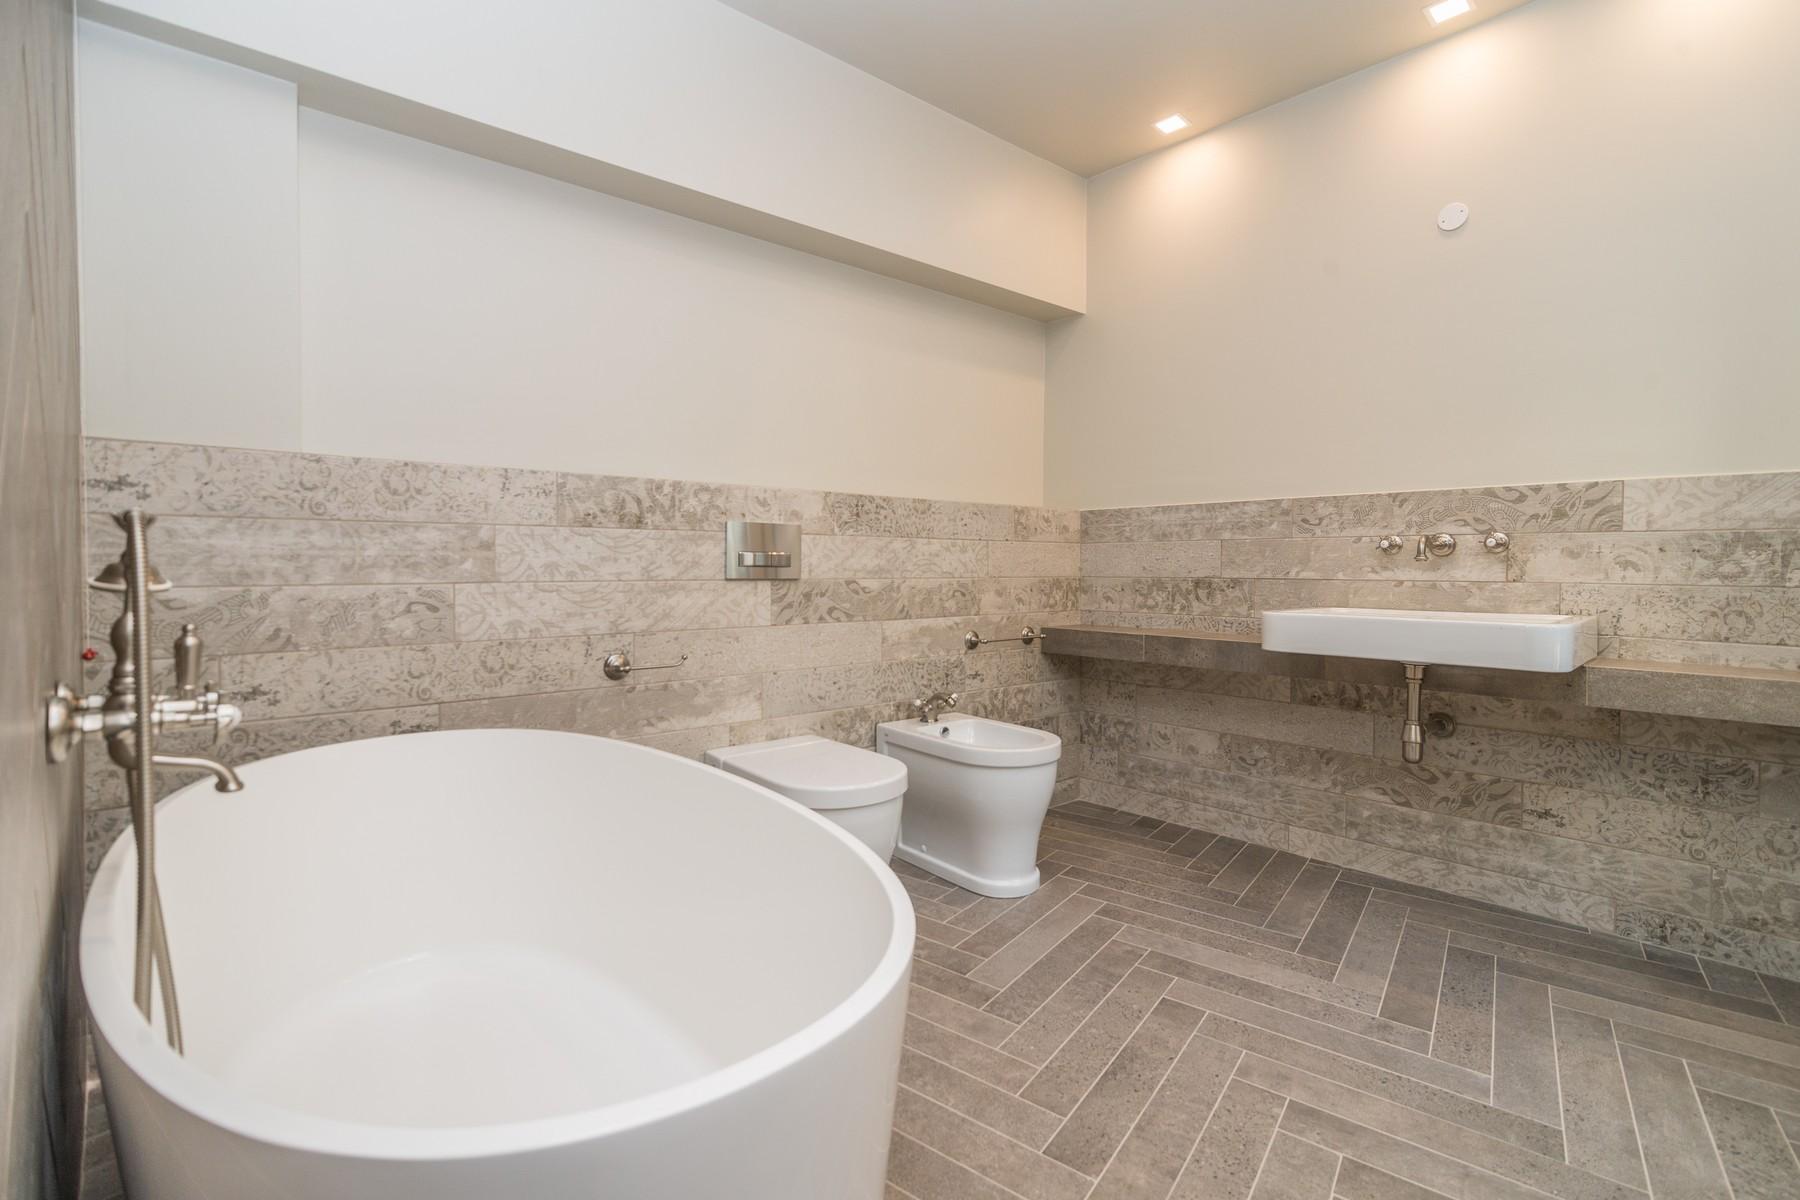 Appartamento di lusso in affitto a milano trovocasa for Appartamento design affitto milano